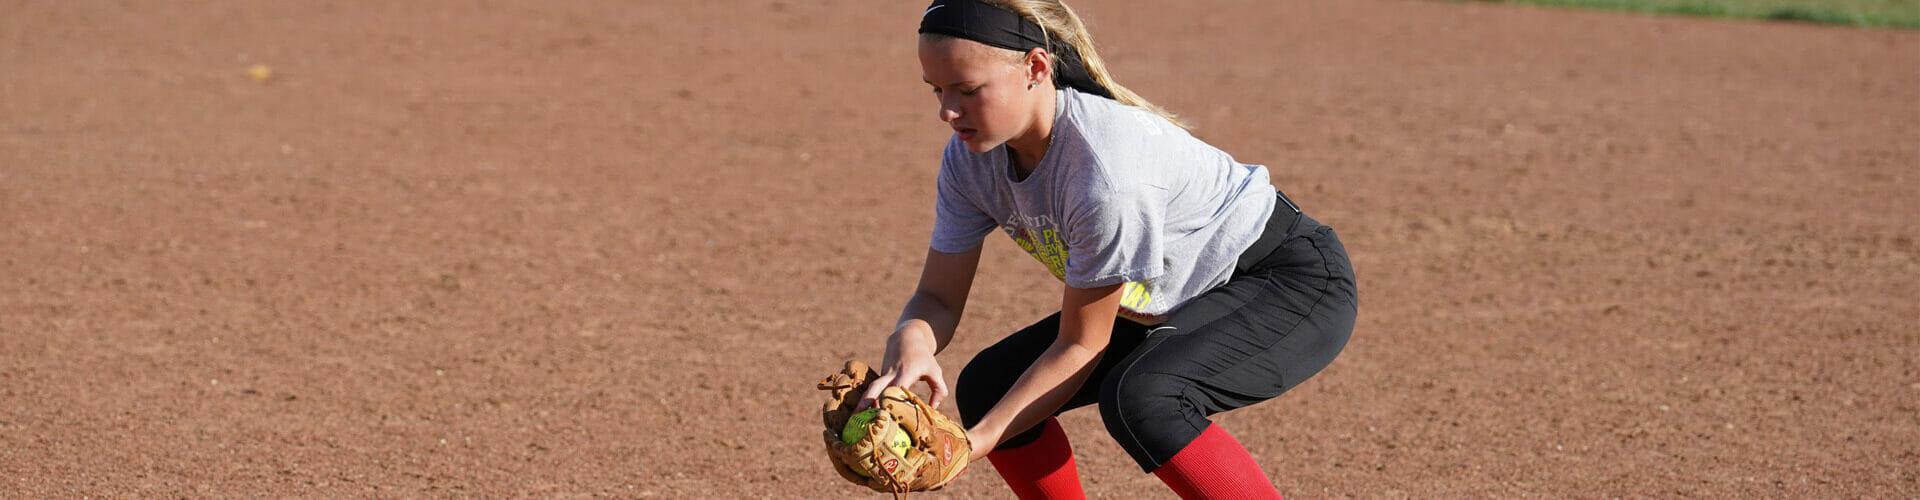 Banner of girl picking up ball